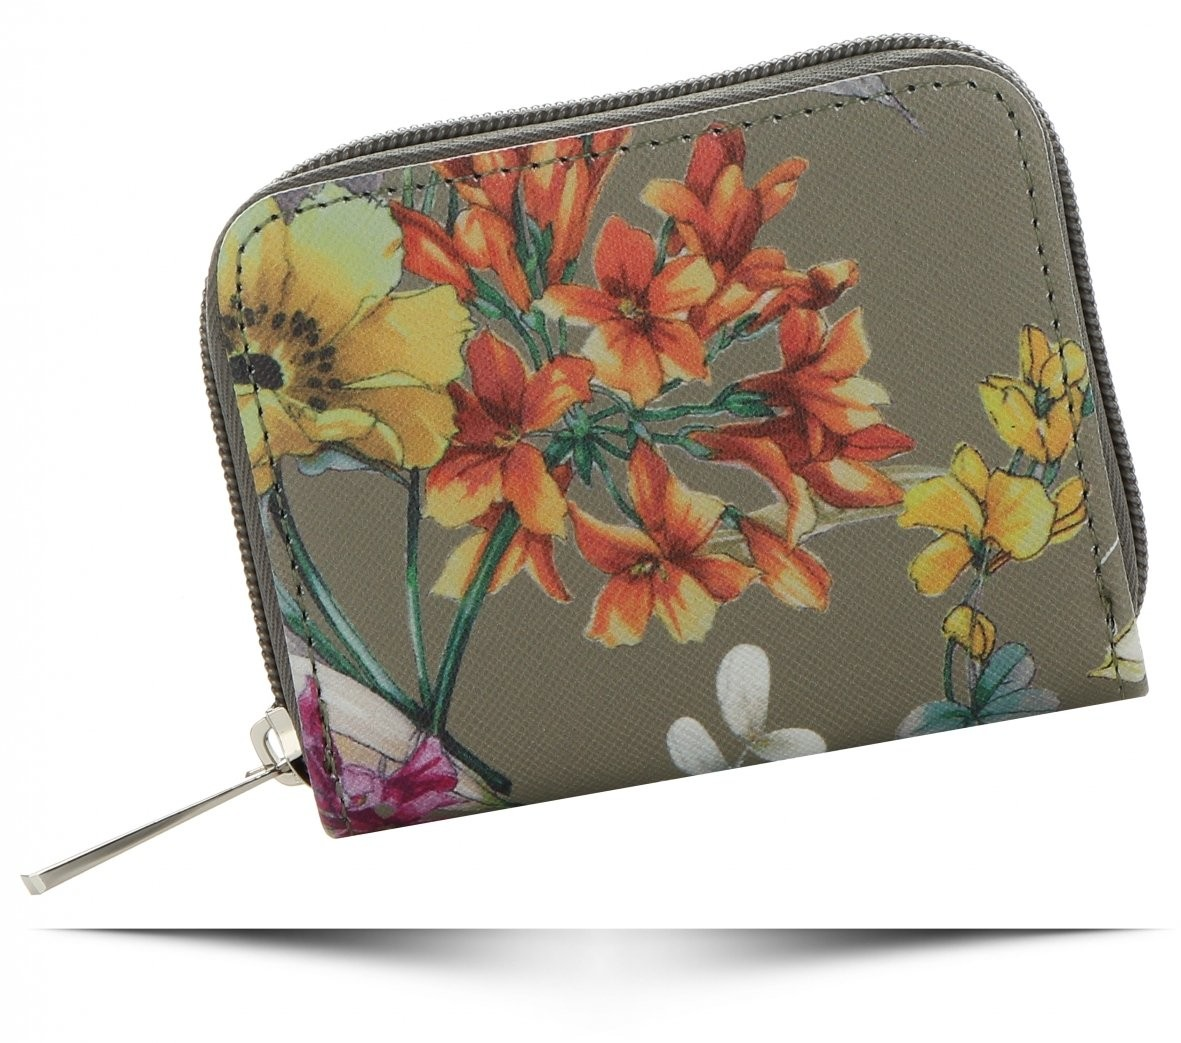 David Jones Modne Portfele Damskie we wzór kwiatów marki Multikolorowe Khaki (kolory) P079-311mkh